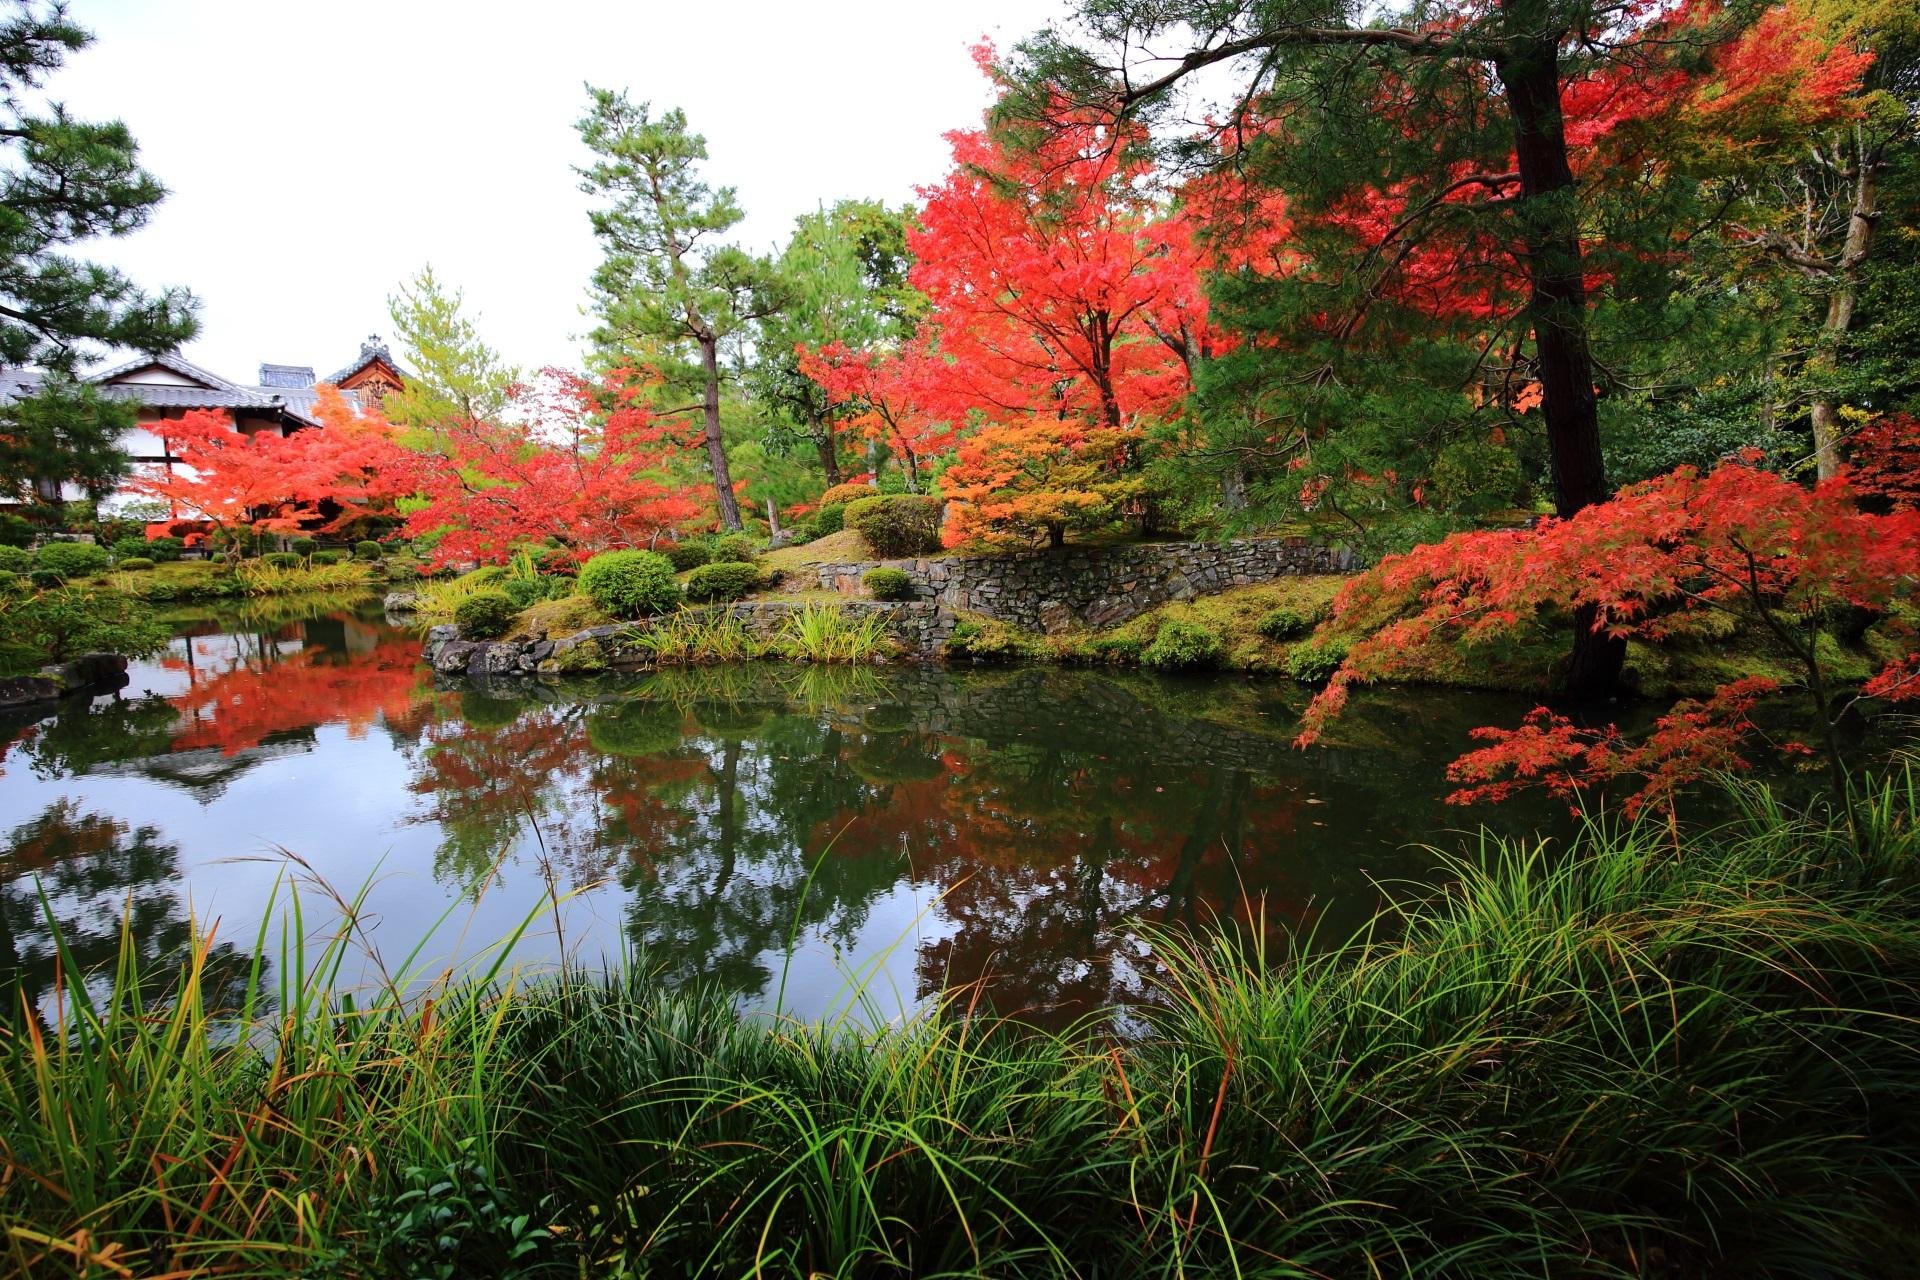 等寺院の綺麗ないろんな種類の木々や植物と紅葉